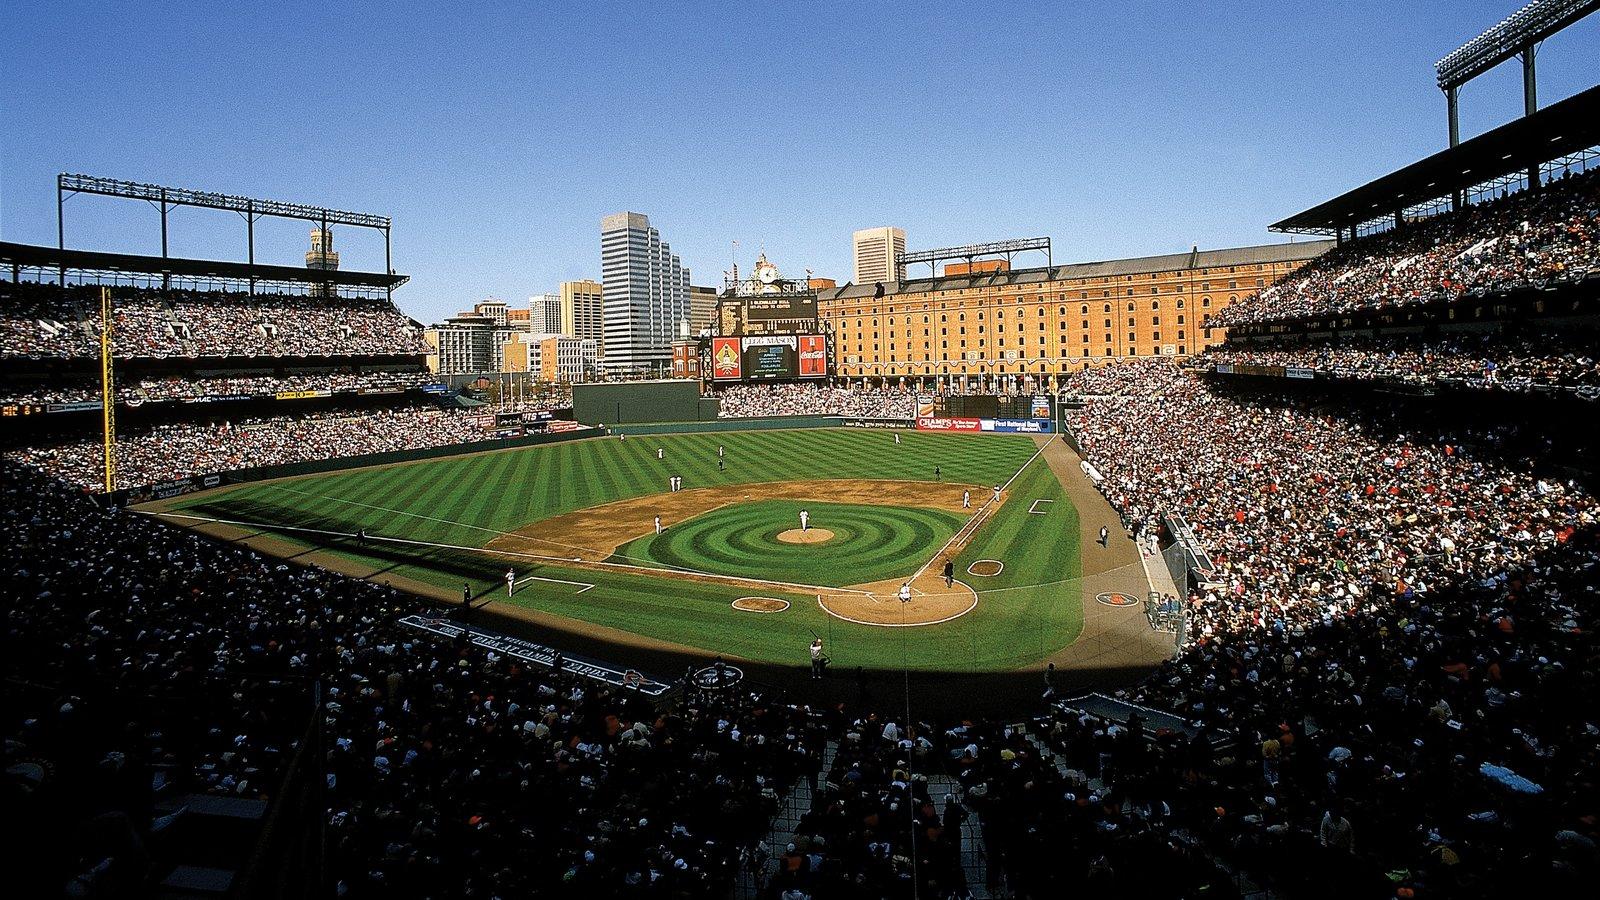 Baltimore que incluye un evento deportivo y una ciudad